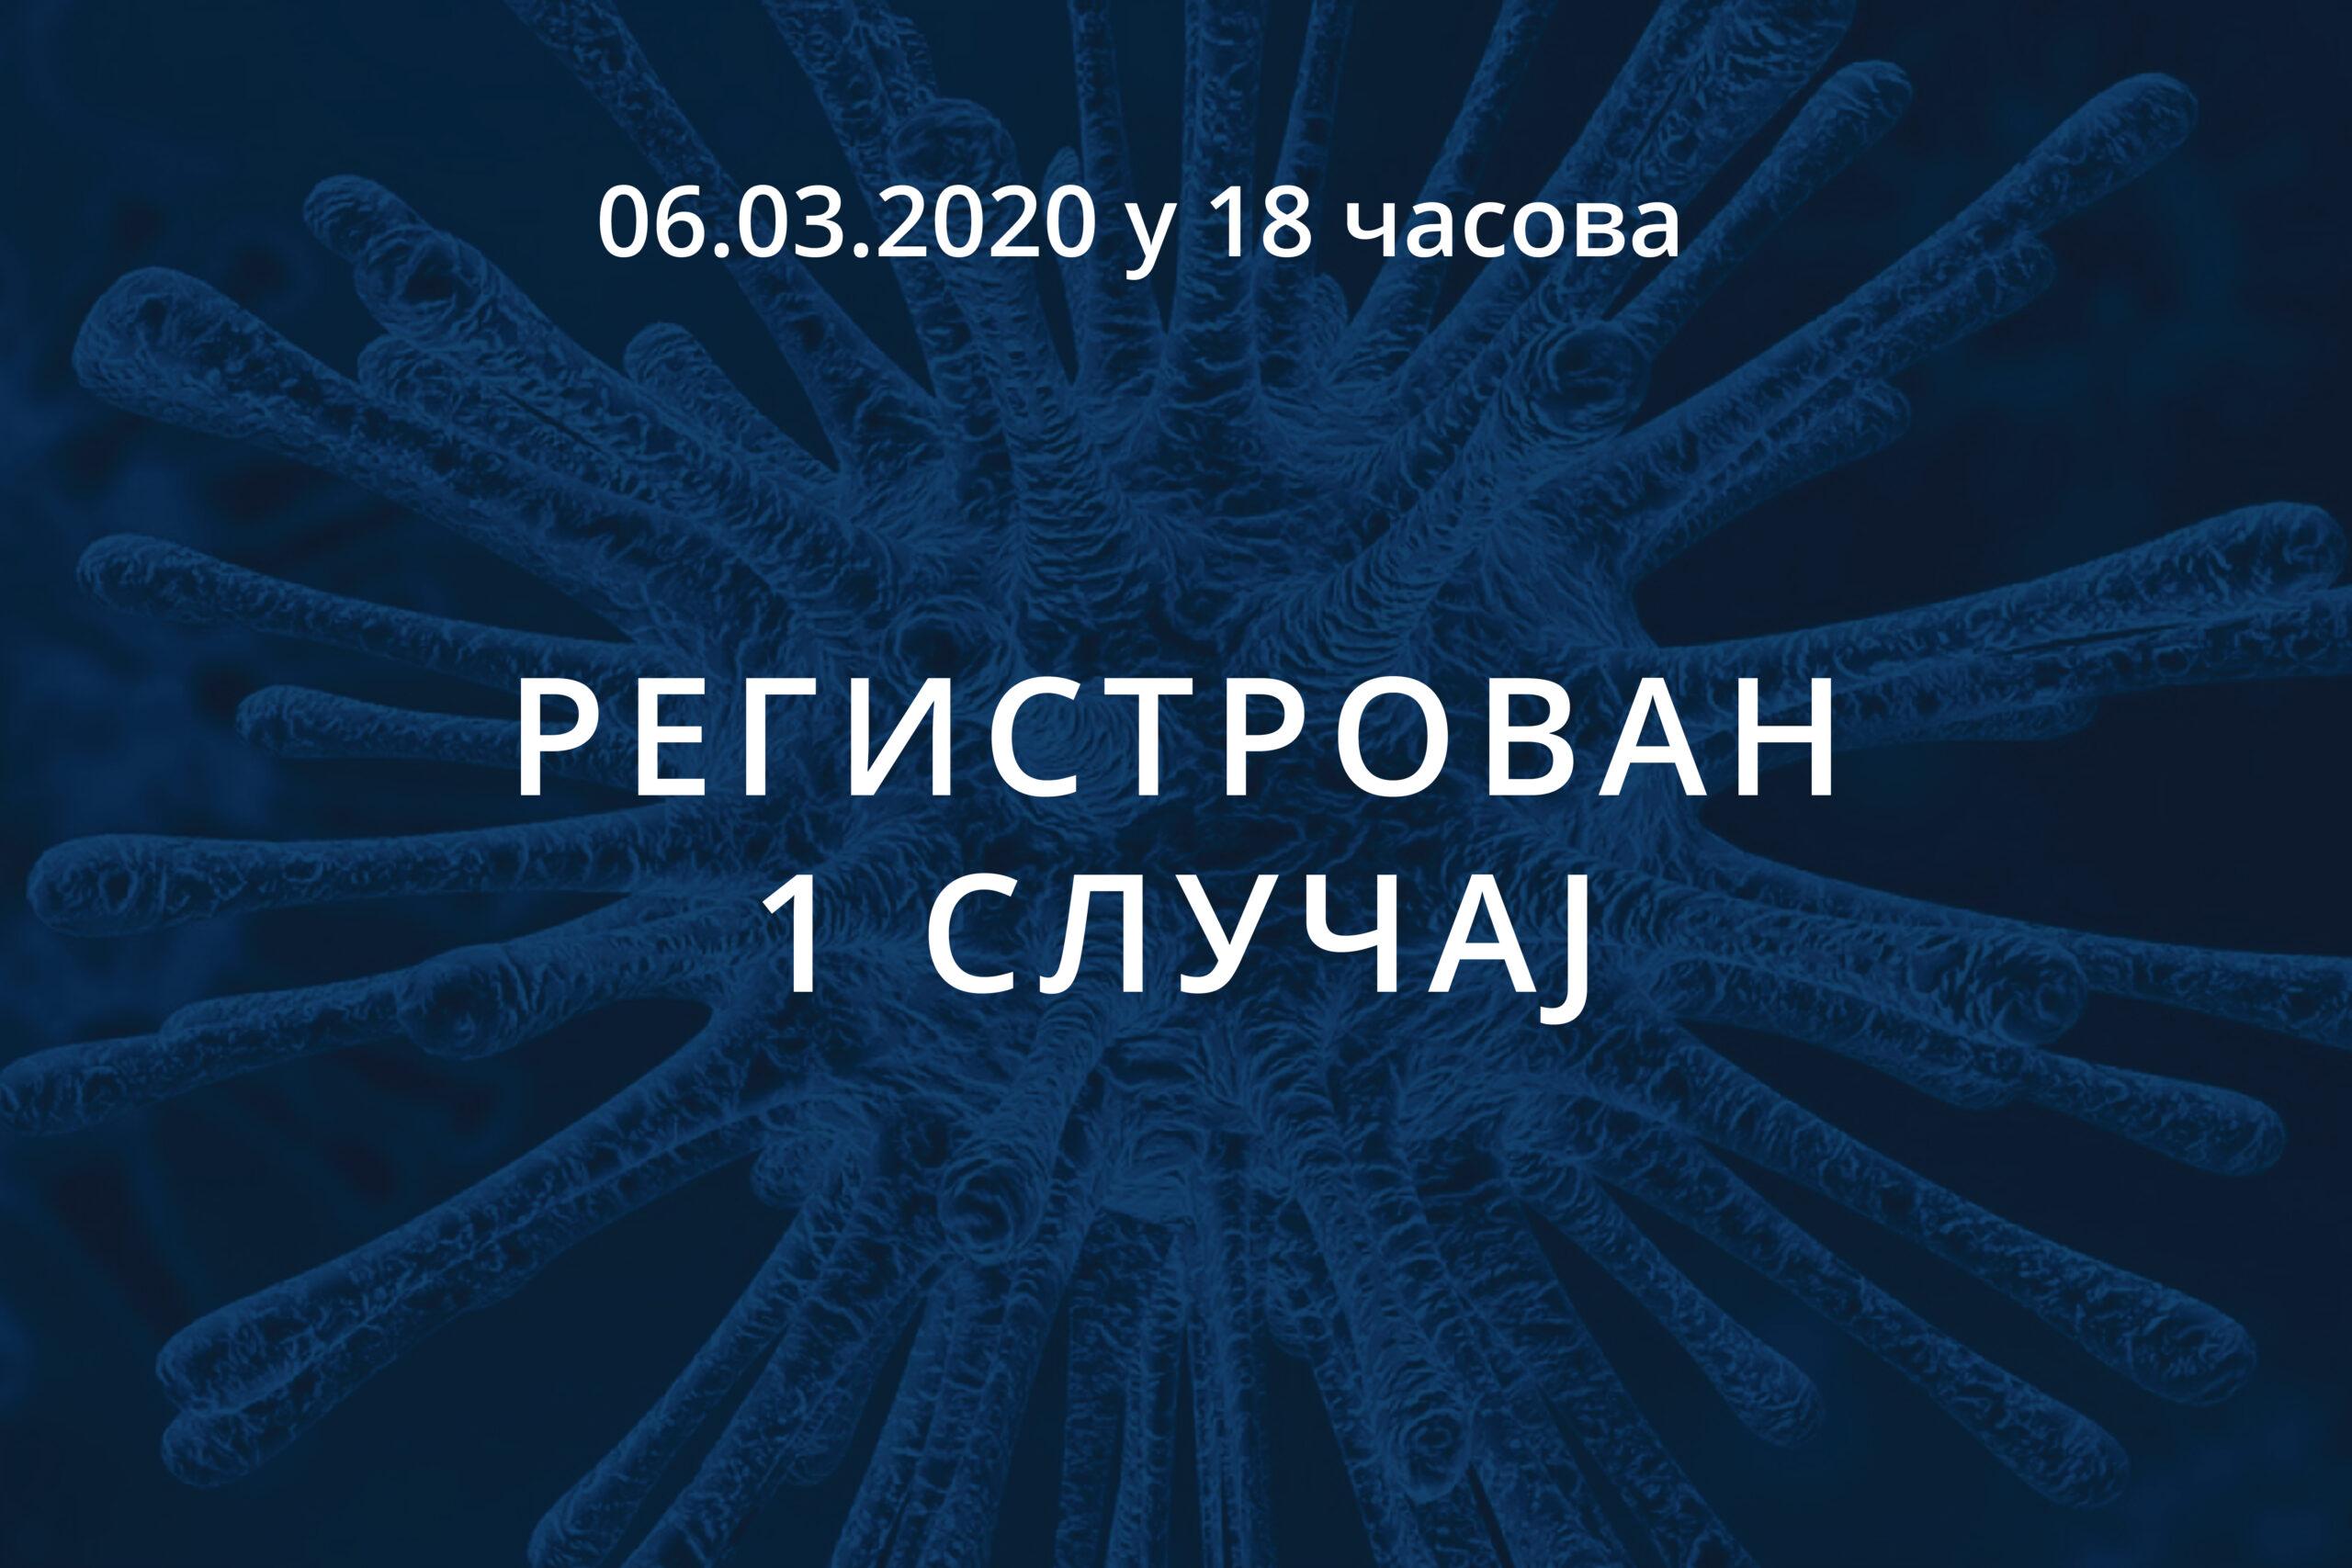 Информације о корона вирусу COVID-19, 06.03.2020 у 18 часова